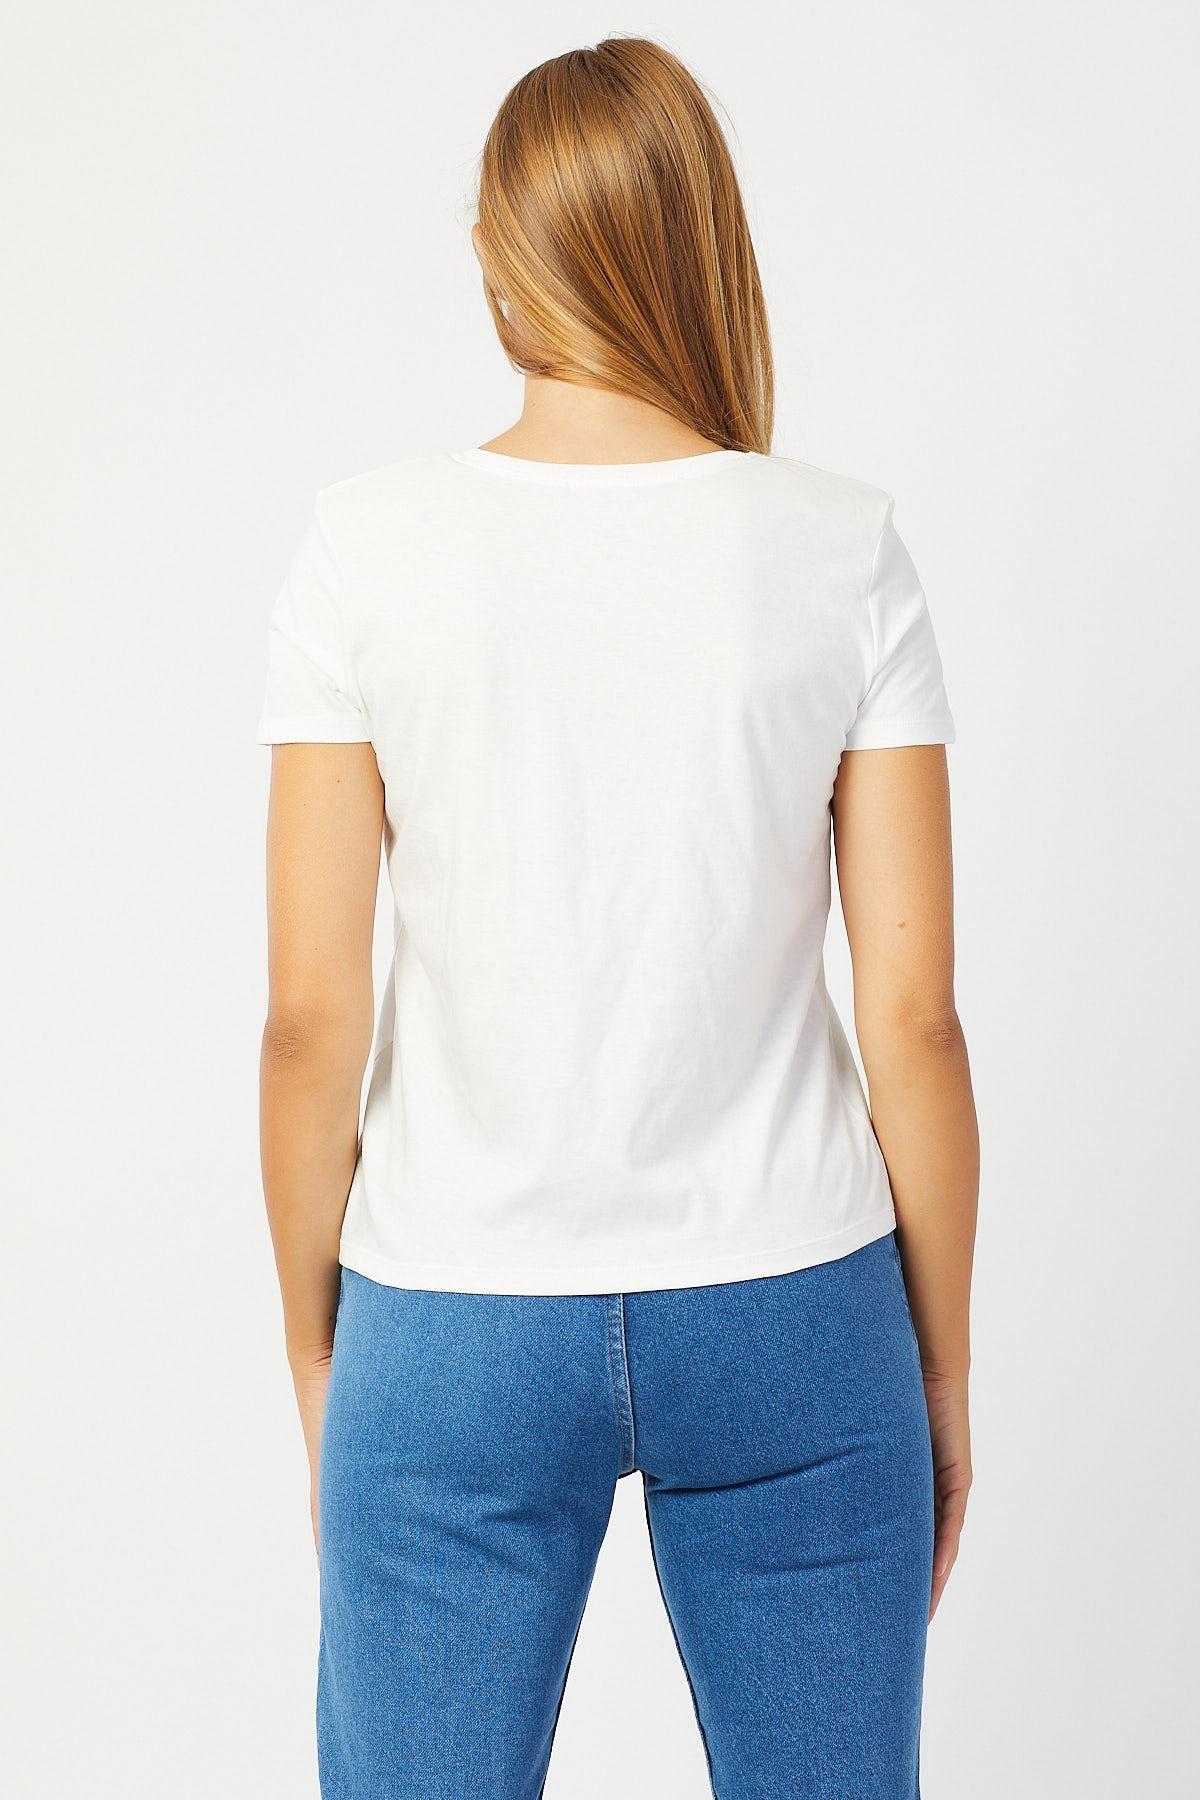 Vatkalı V Yaka T-Shirt